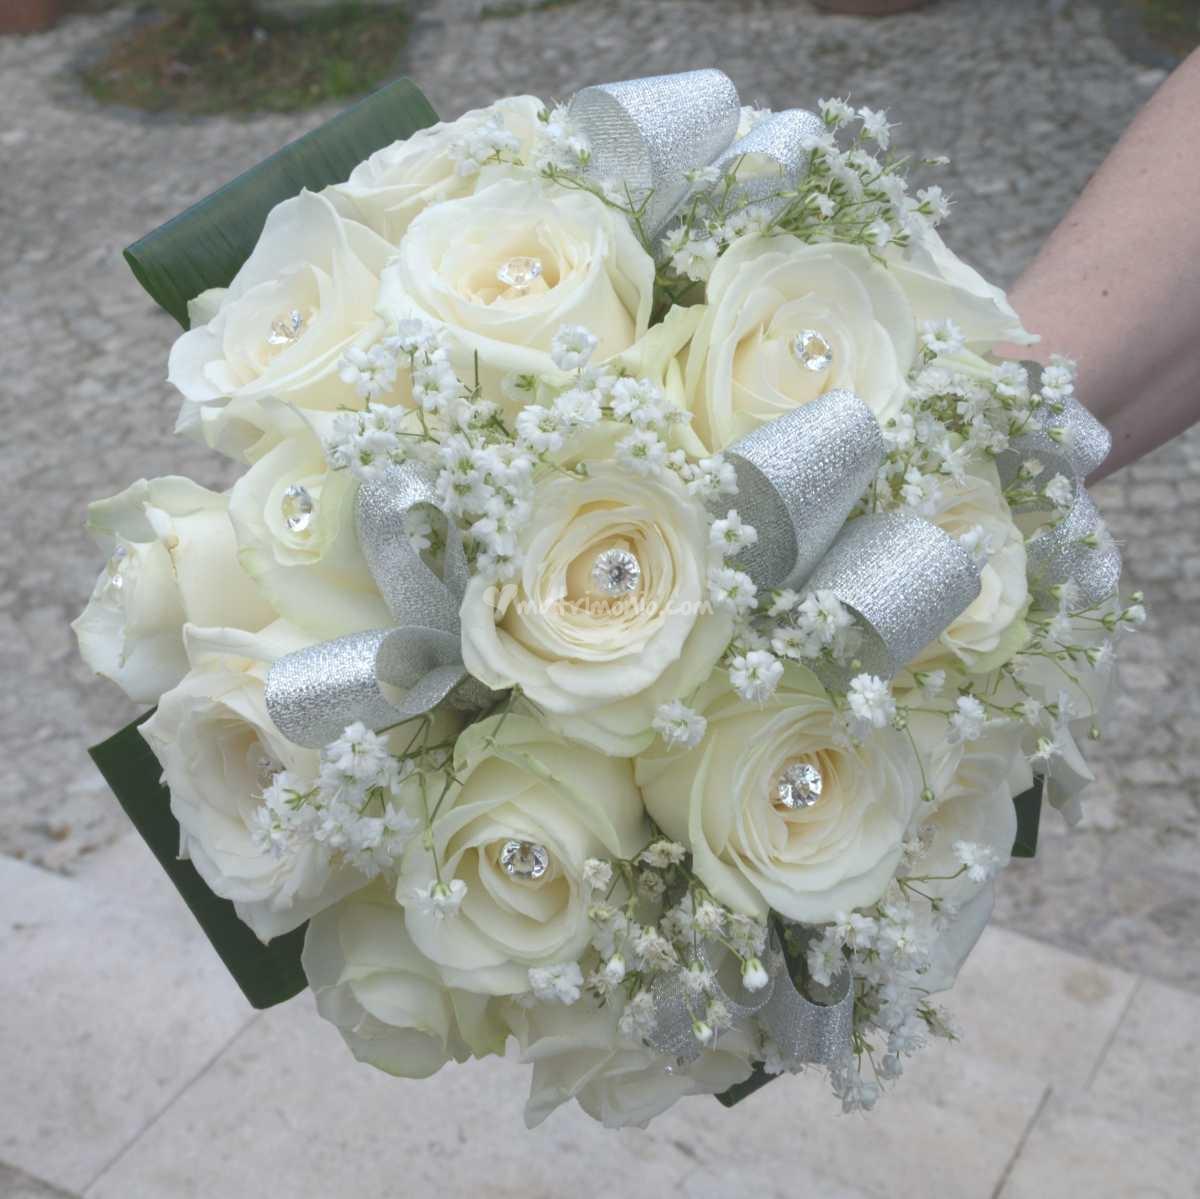 Xxv Anniversario Di Matrimonio.Bouquet 25 Anni Di Matrimonio Quel Tocco Argentato Sui Fiori